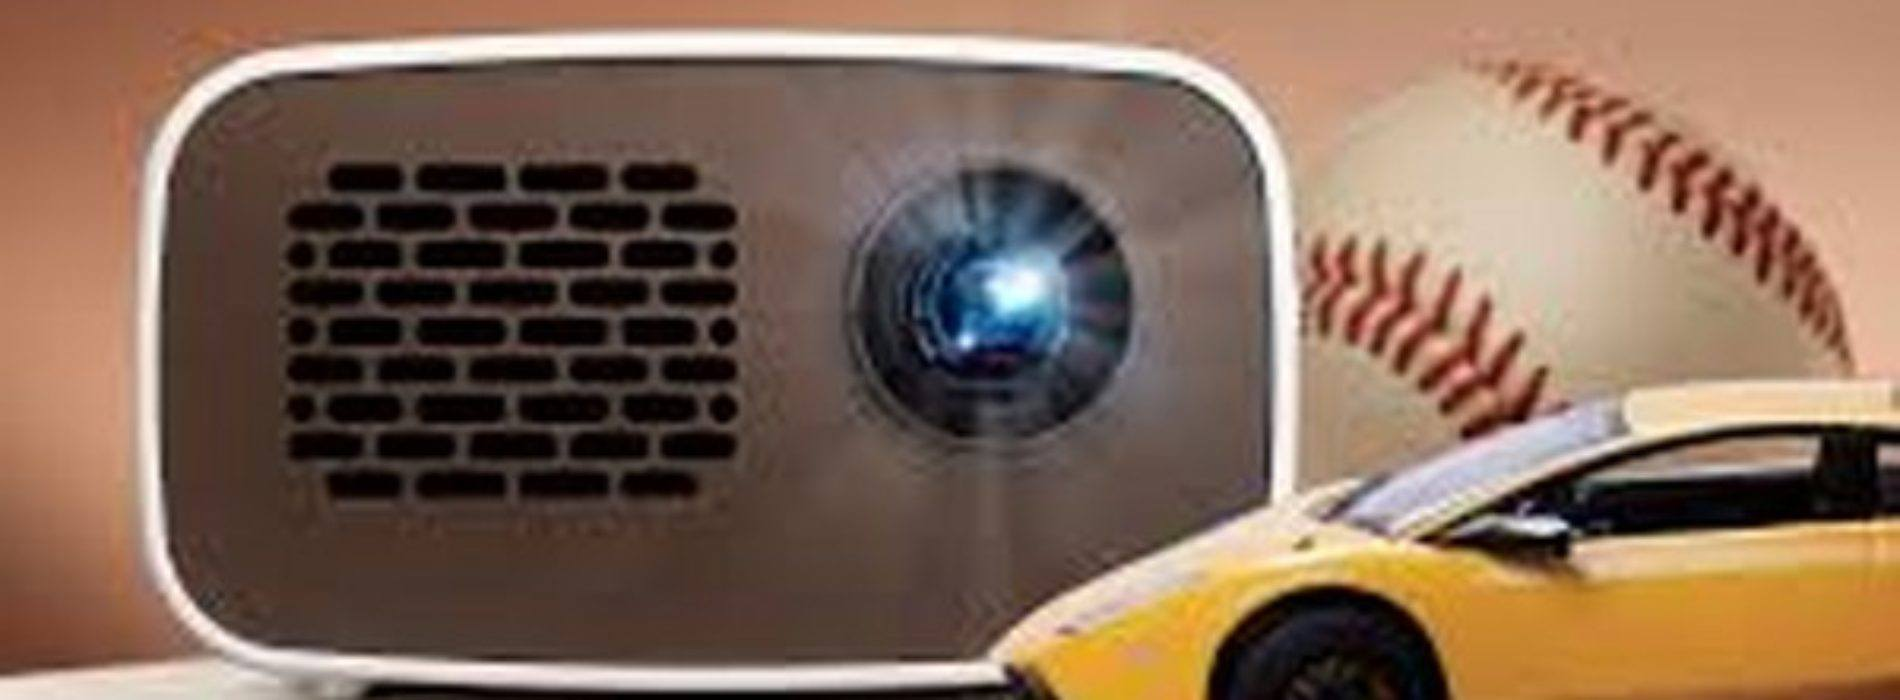 LG PH300, el proyector LED que cabe en la palma de tu mano